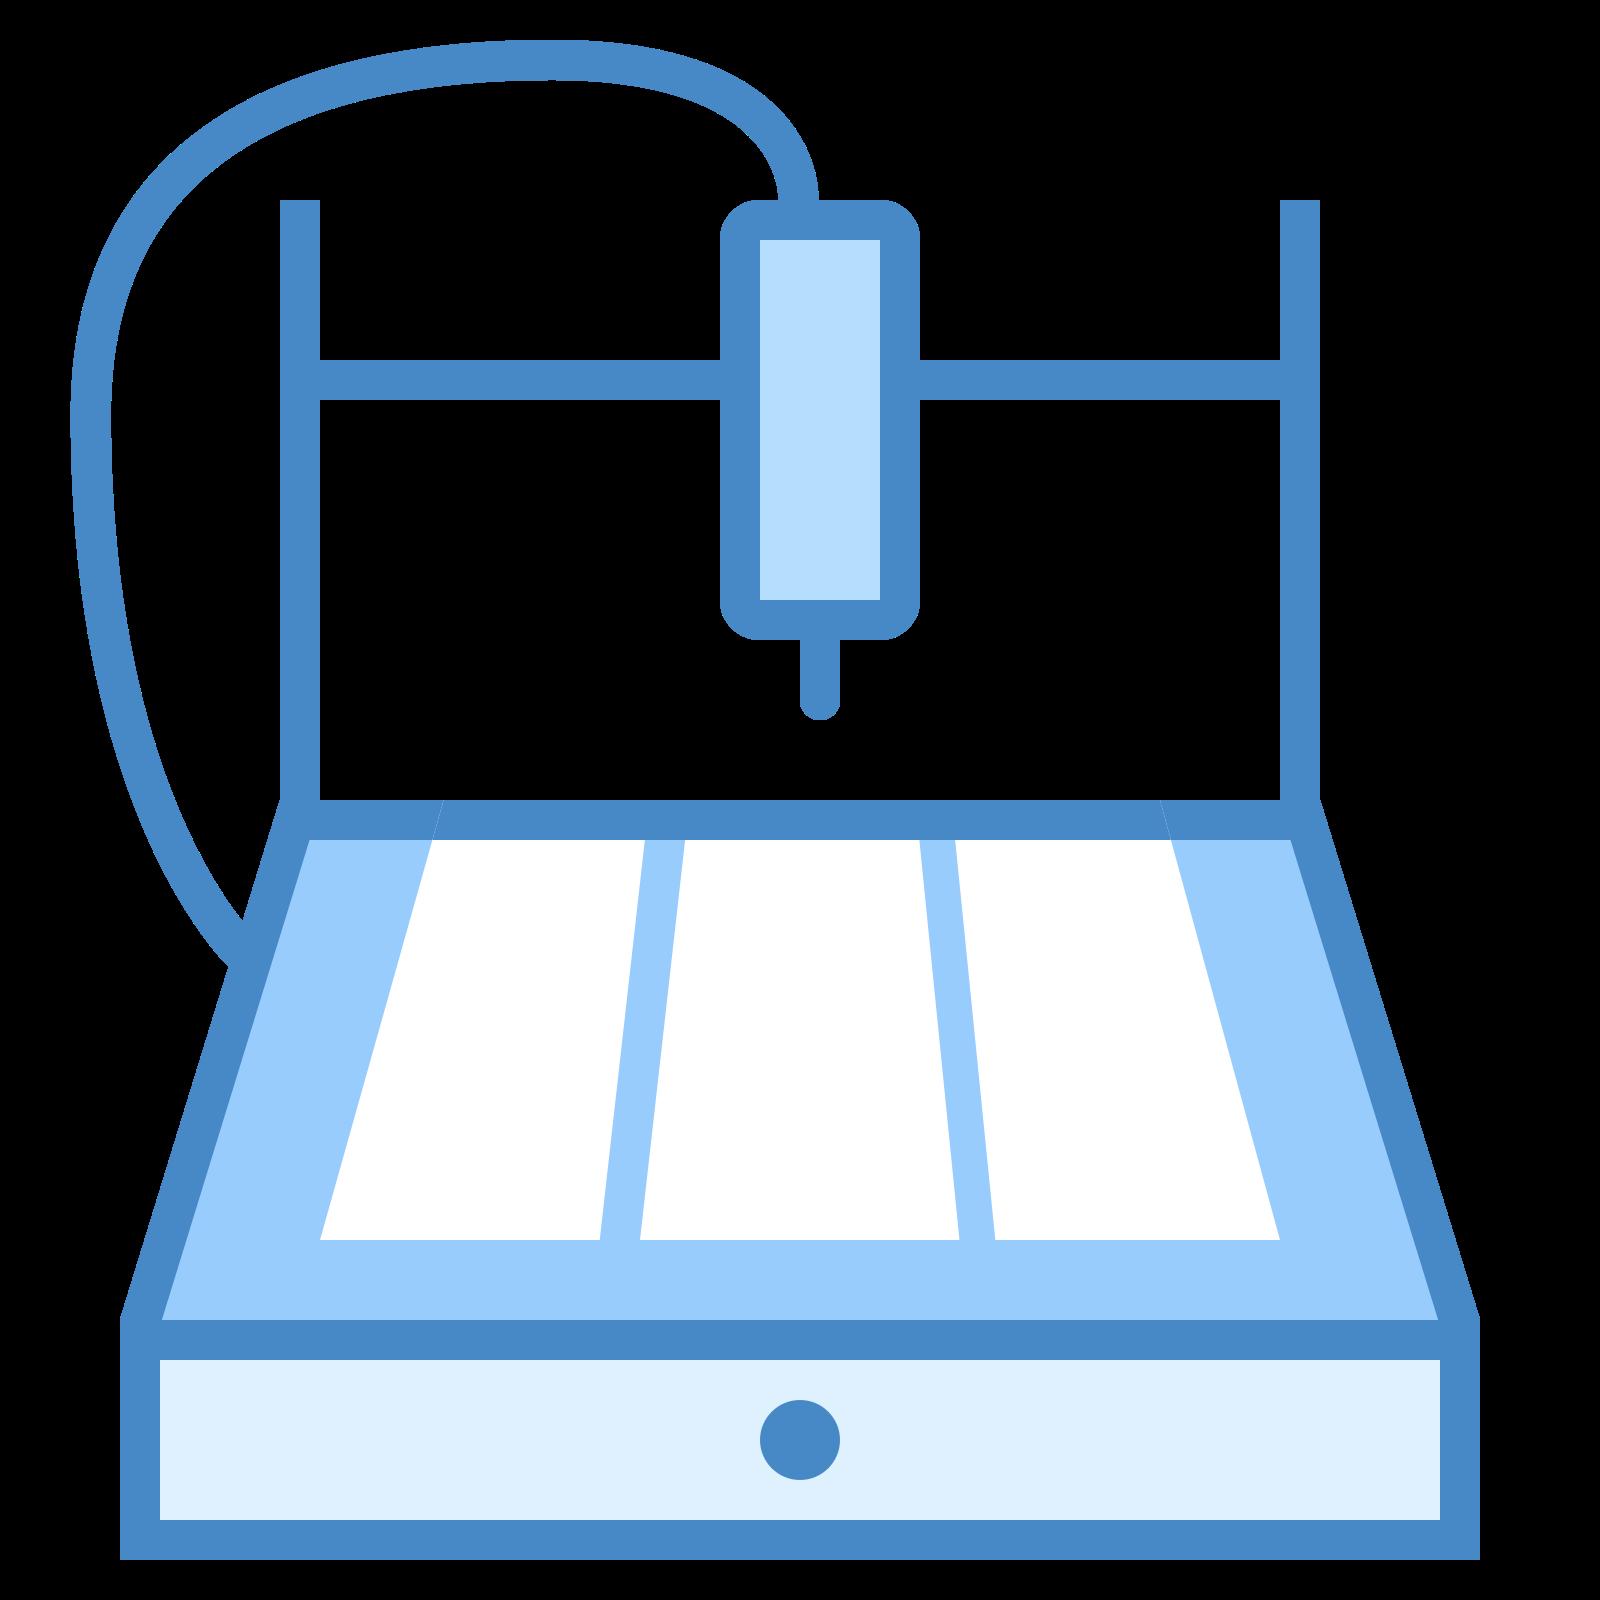 Maszyna CNC icon